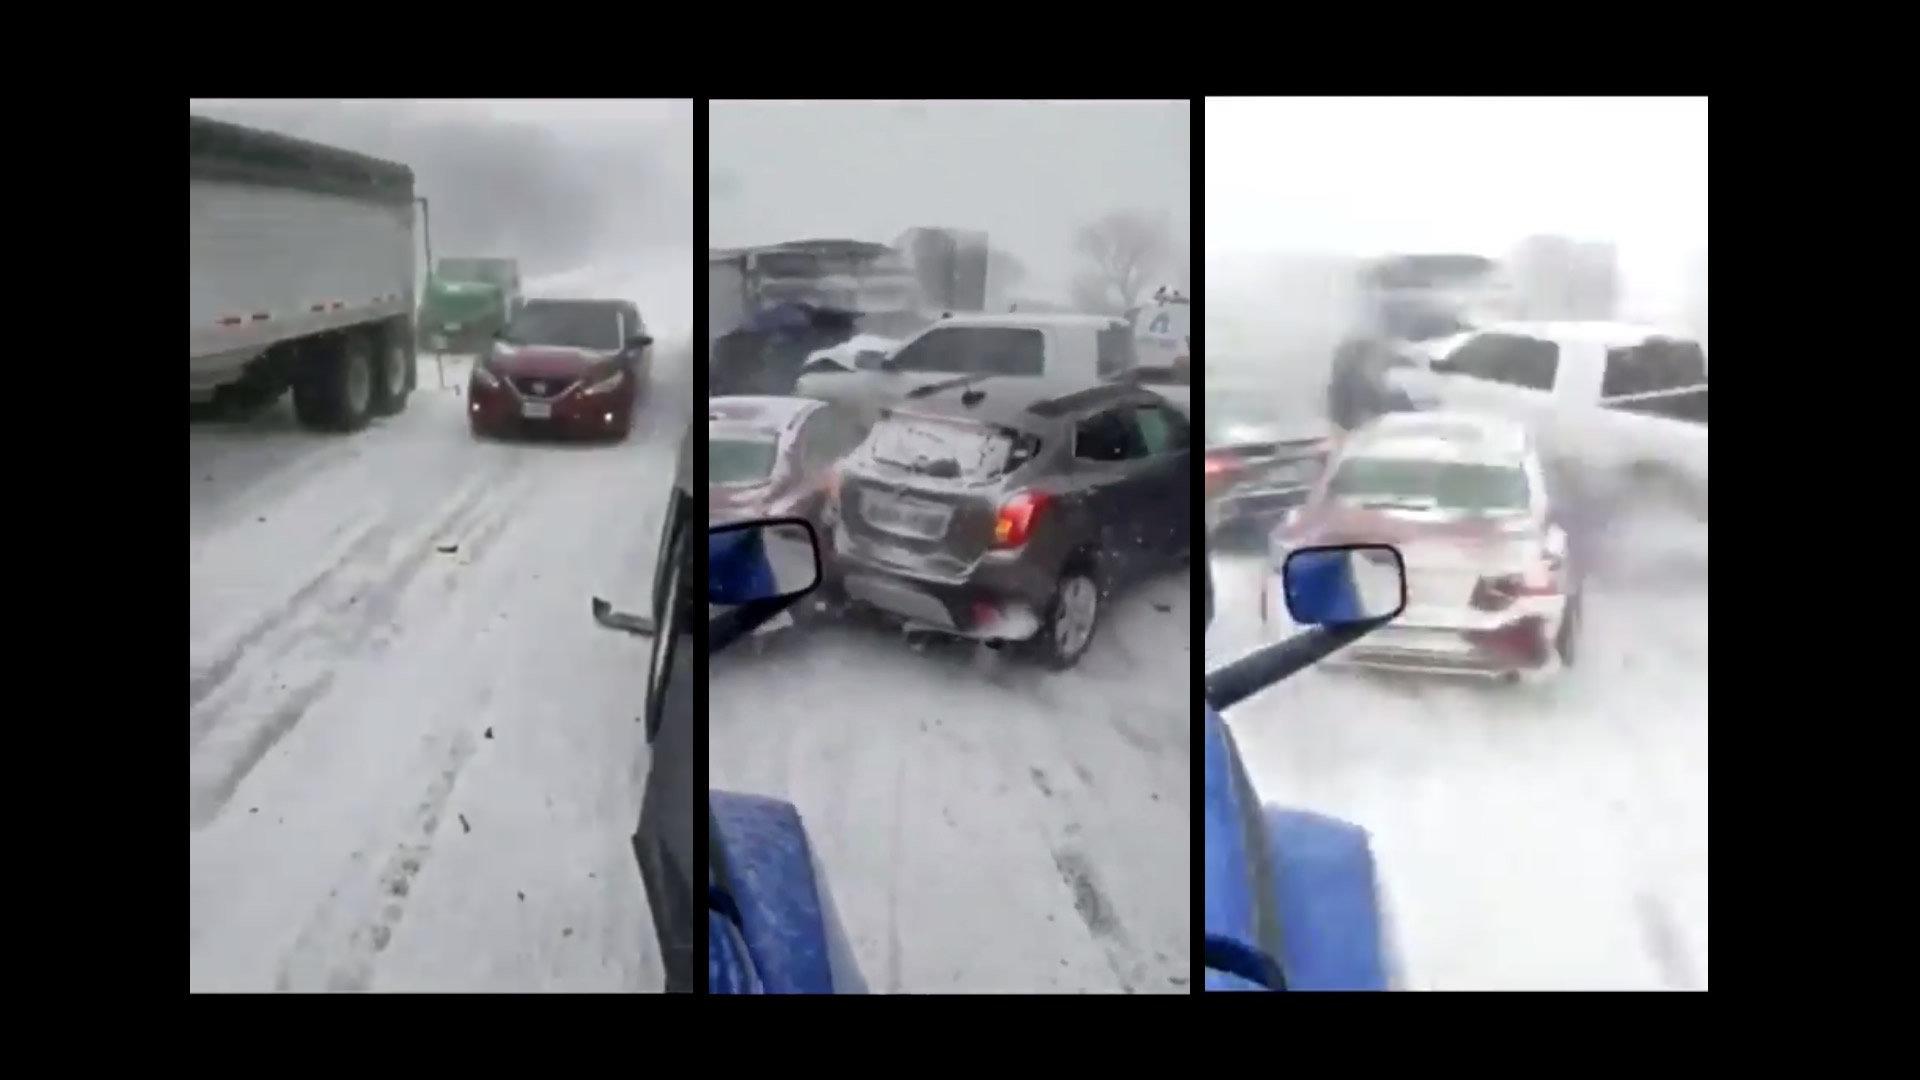 凍結した高速道路で車が次々に…玉突き事故の動画が恐怖すぎる